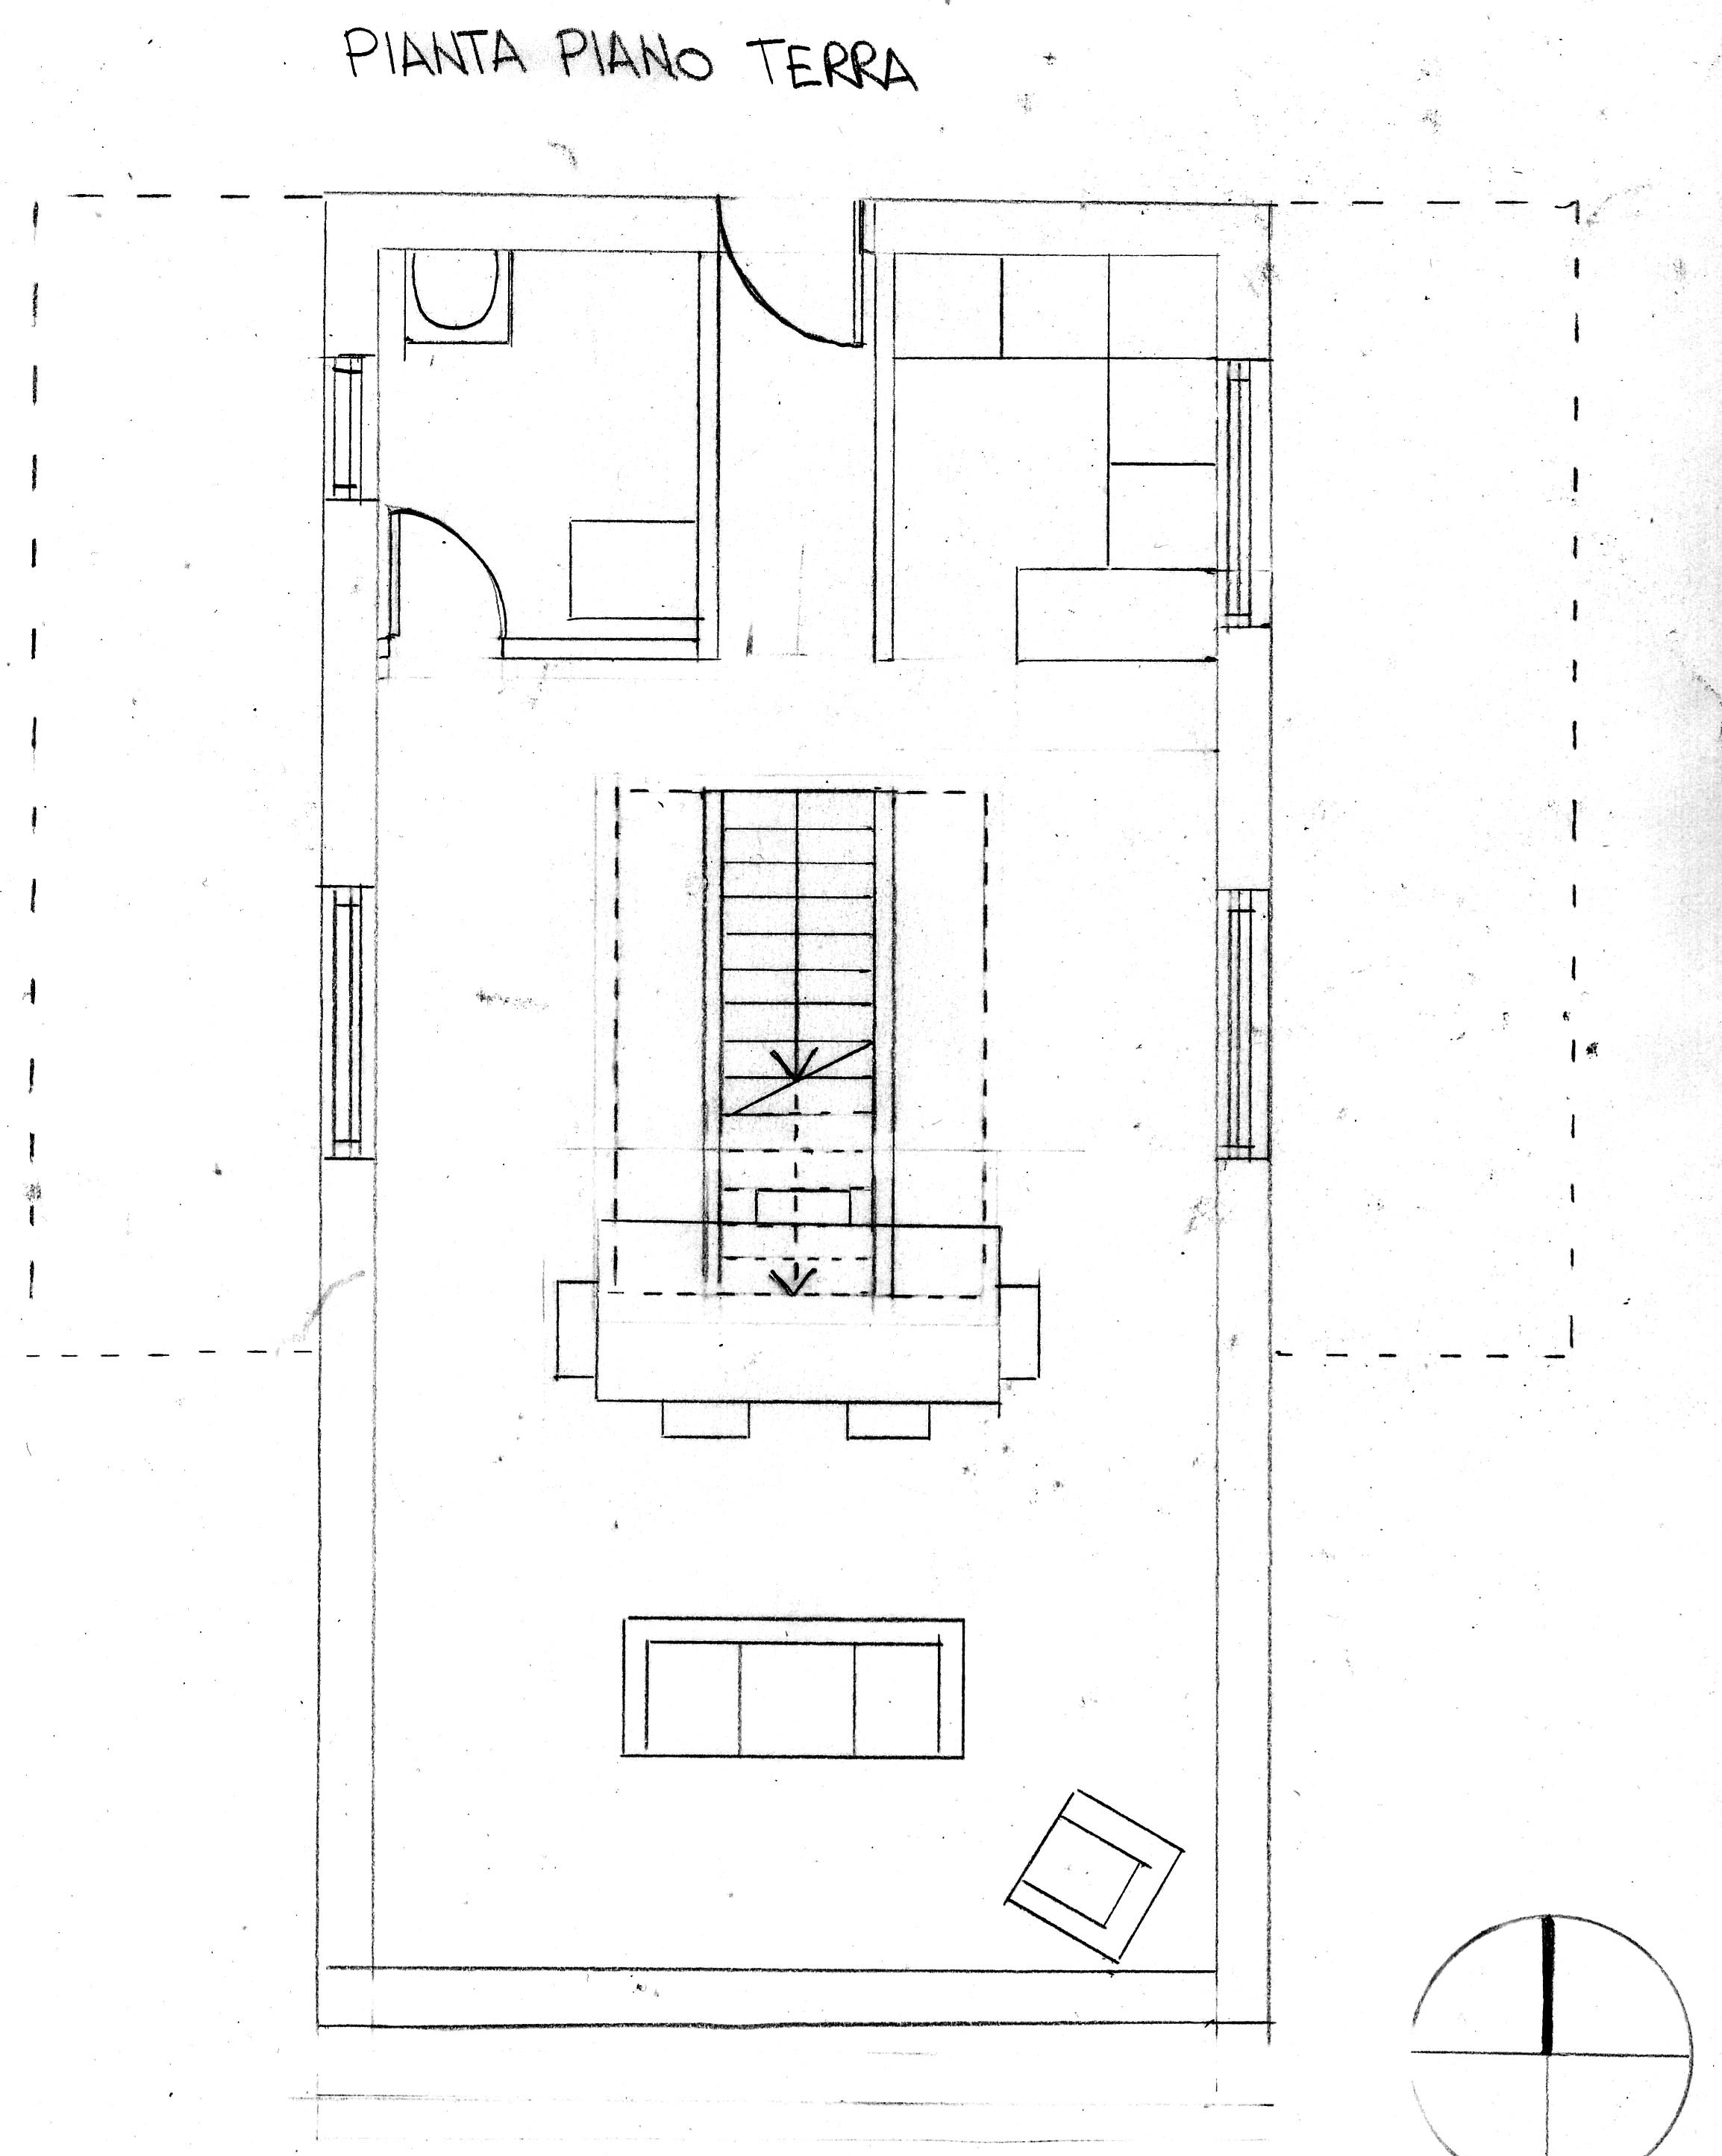 Progetto di julie liberto e elena macciocca laboratorio for Strumento di layout piano terra